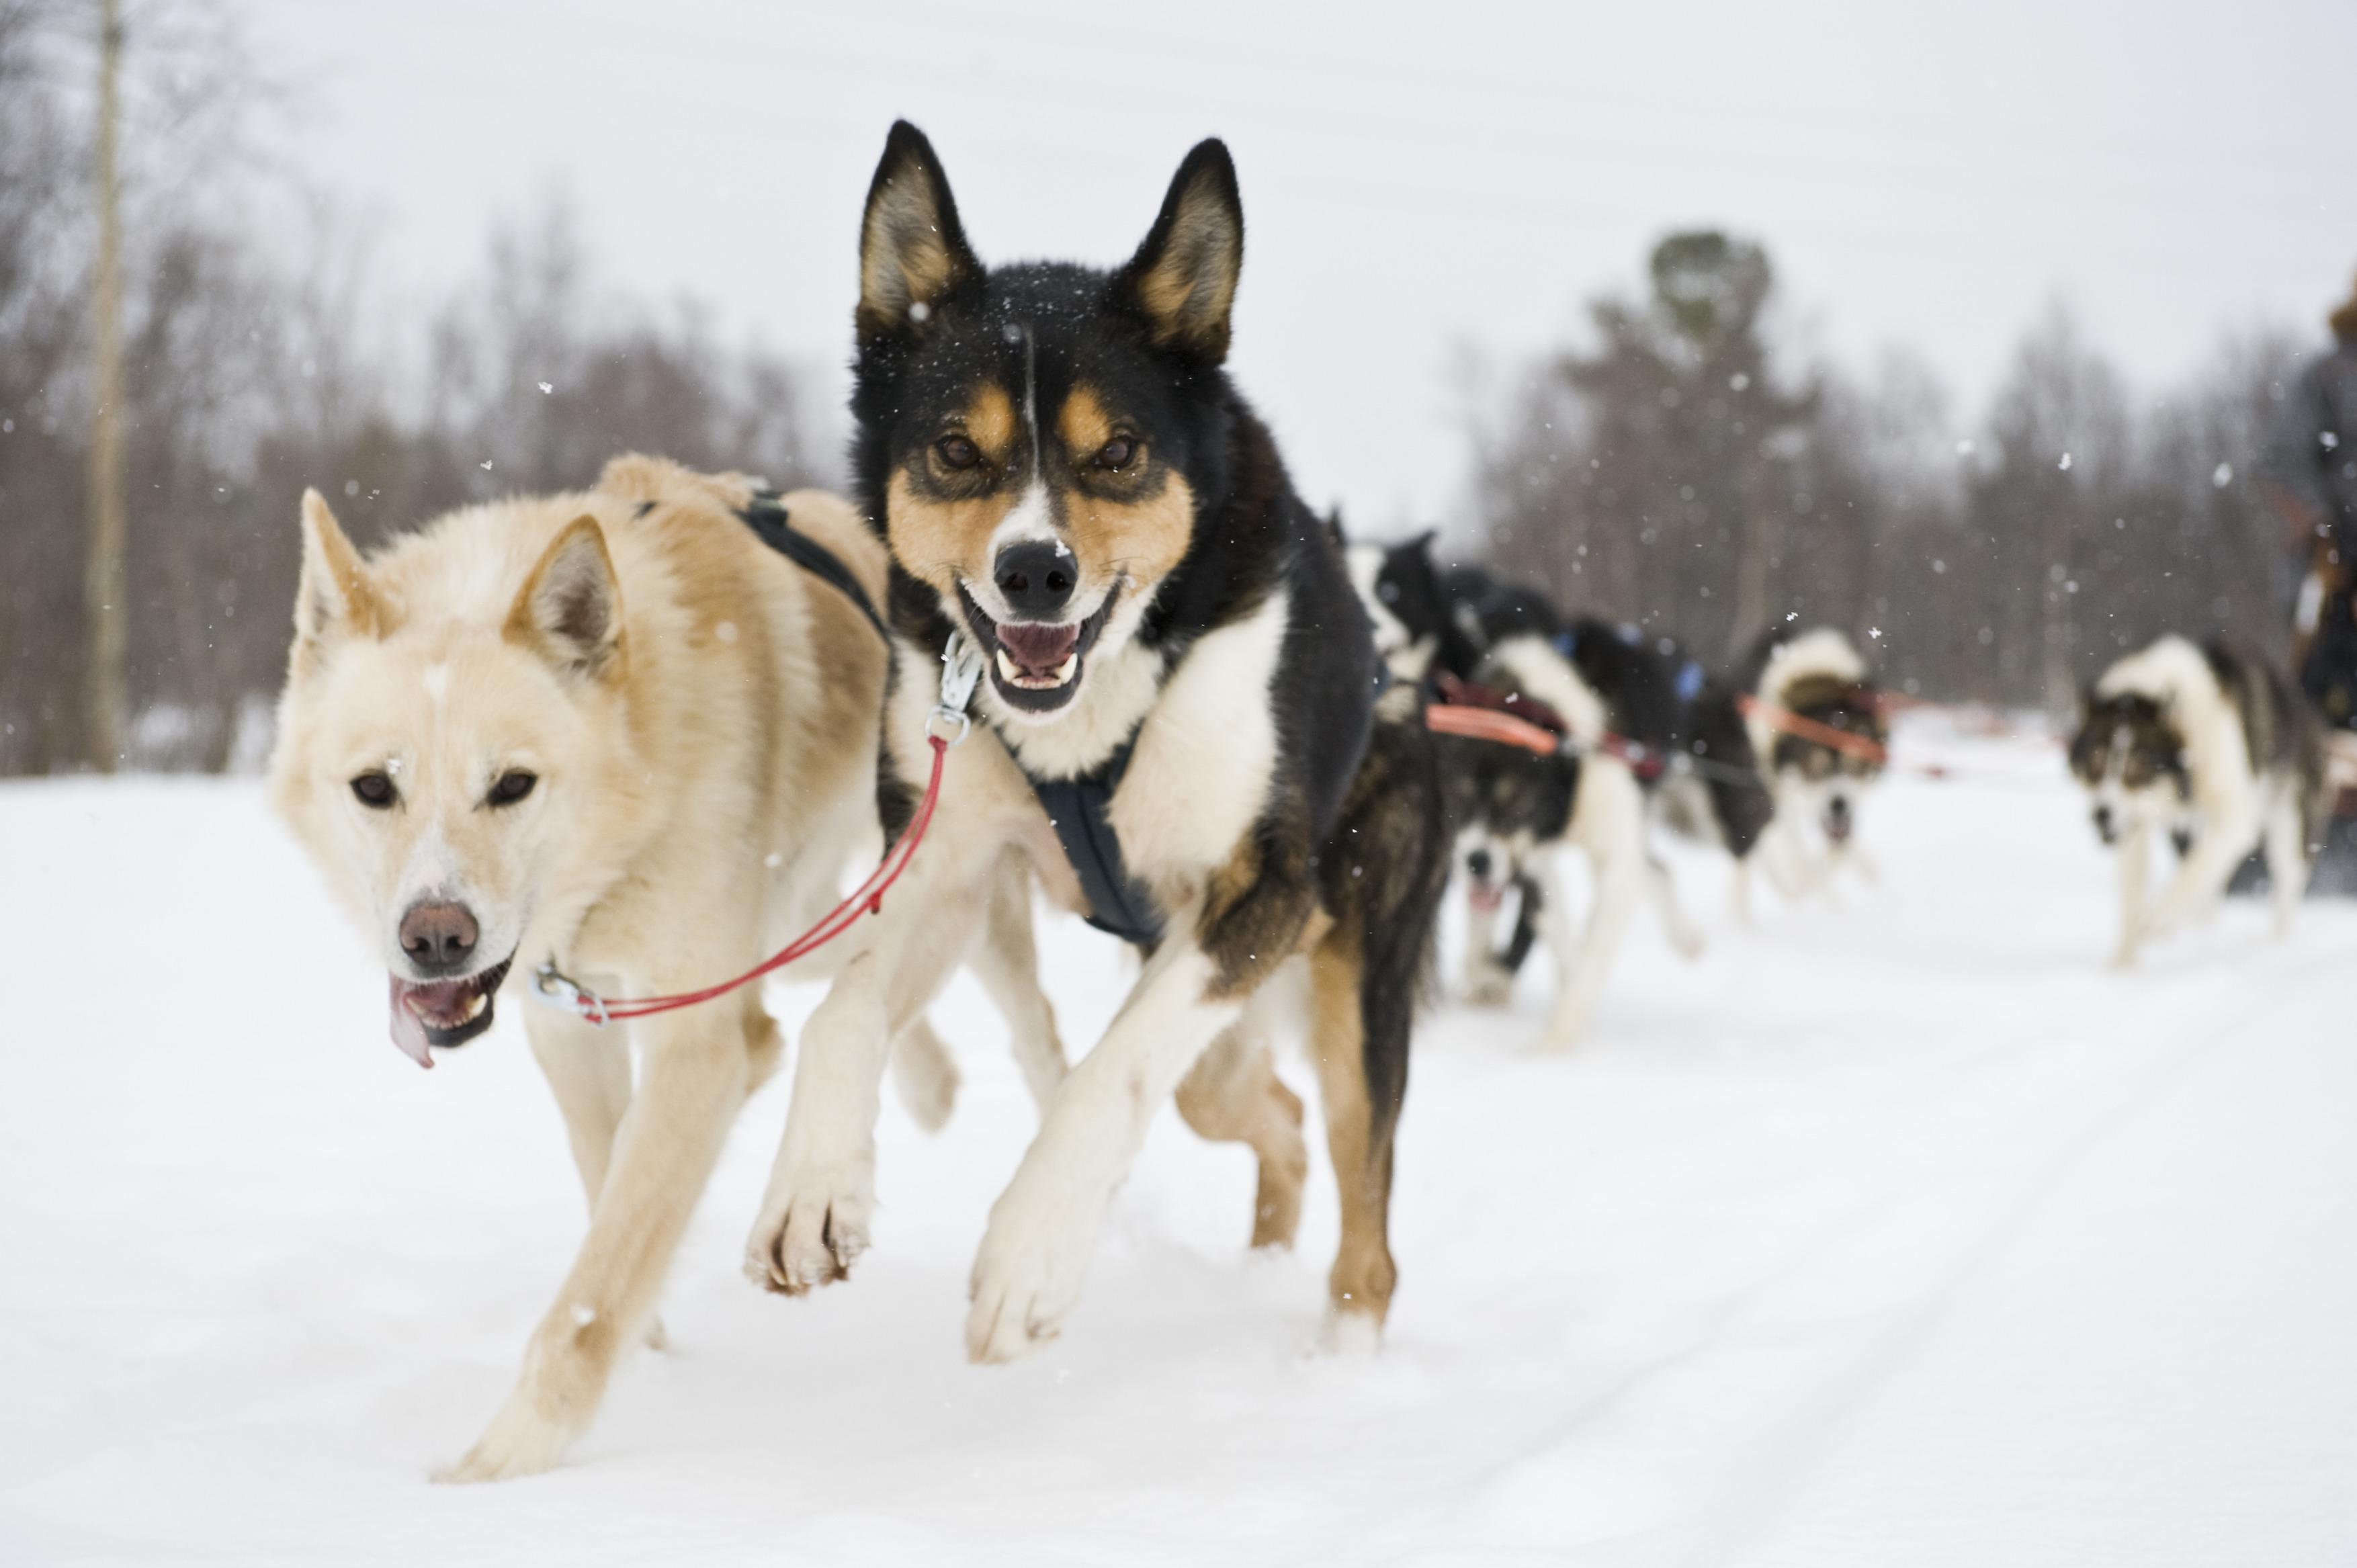 Dog-sledding-Finnmark--072009-99-0242.jpg